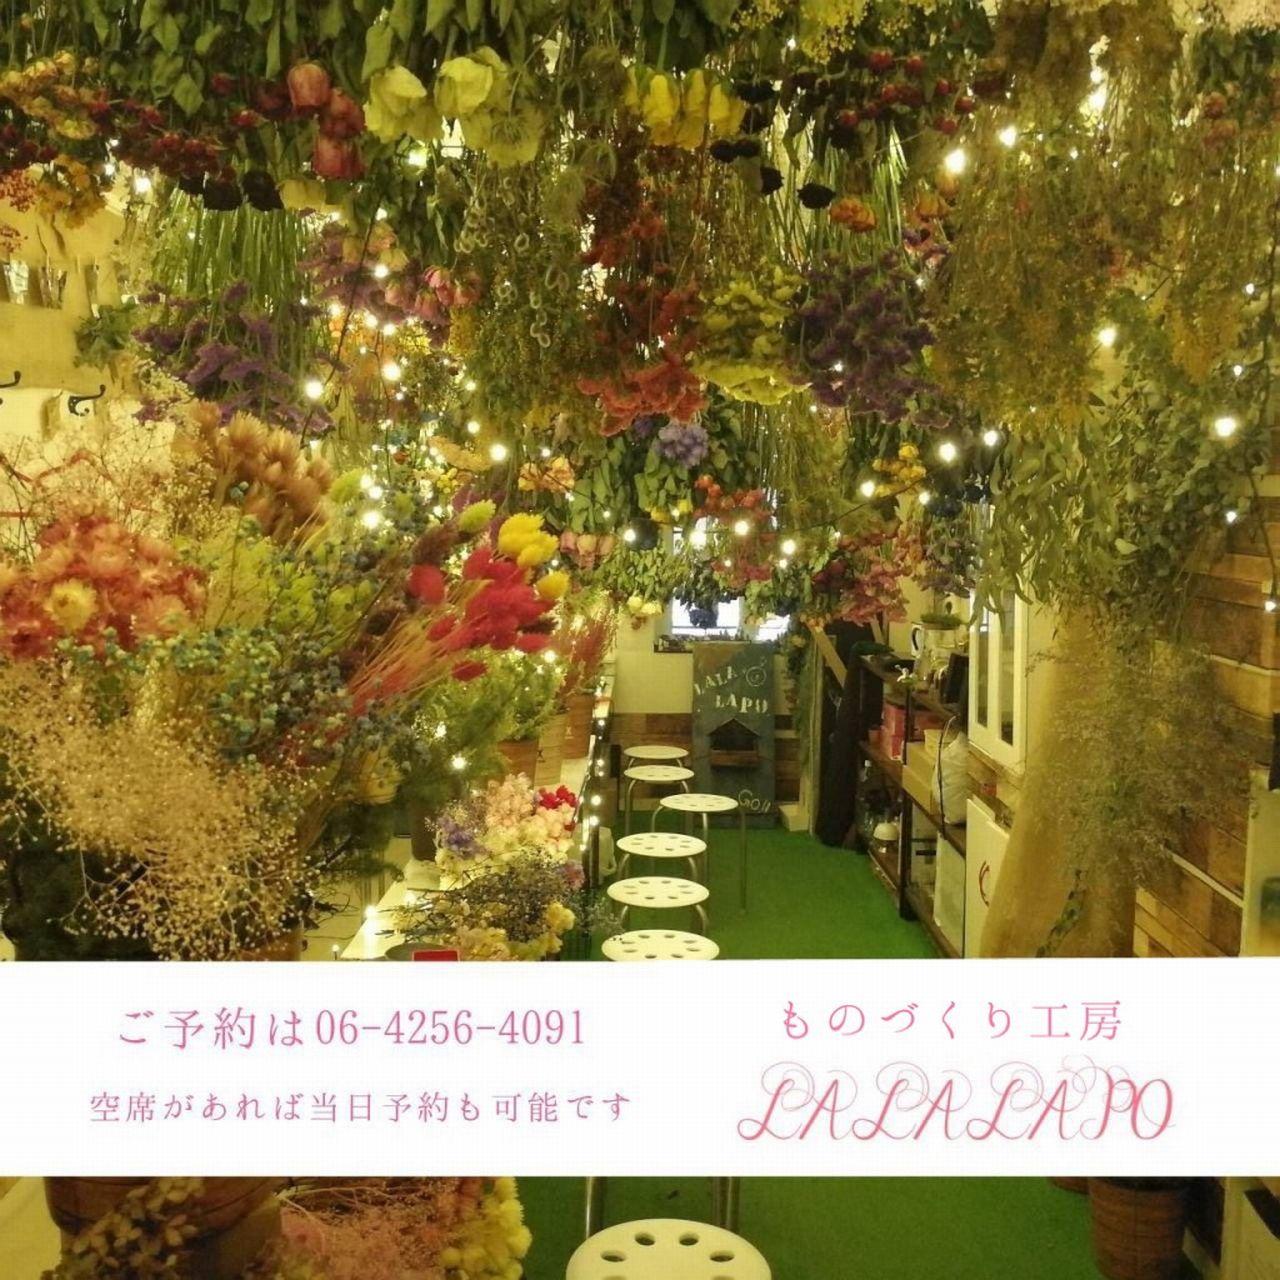 大阪手作り体験のLALALAPO【体験・ワークショップ】